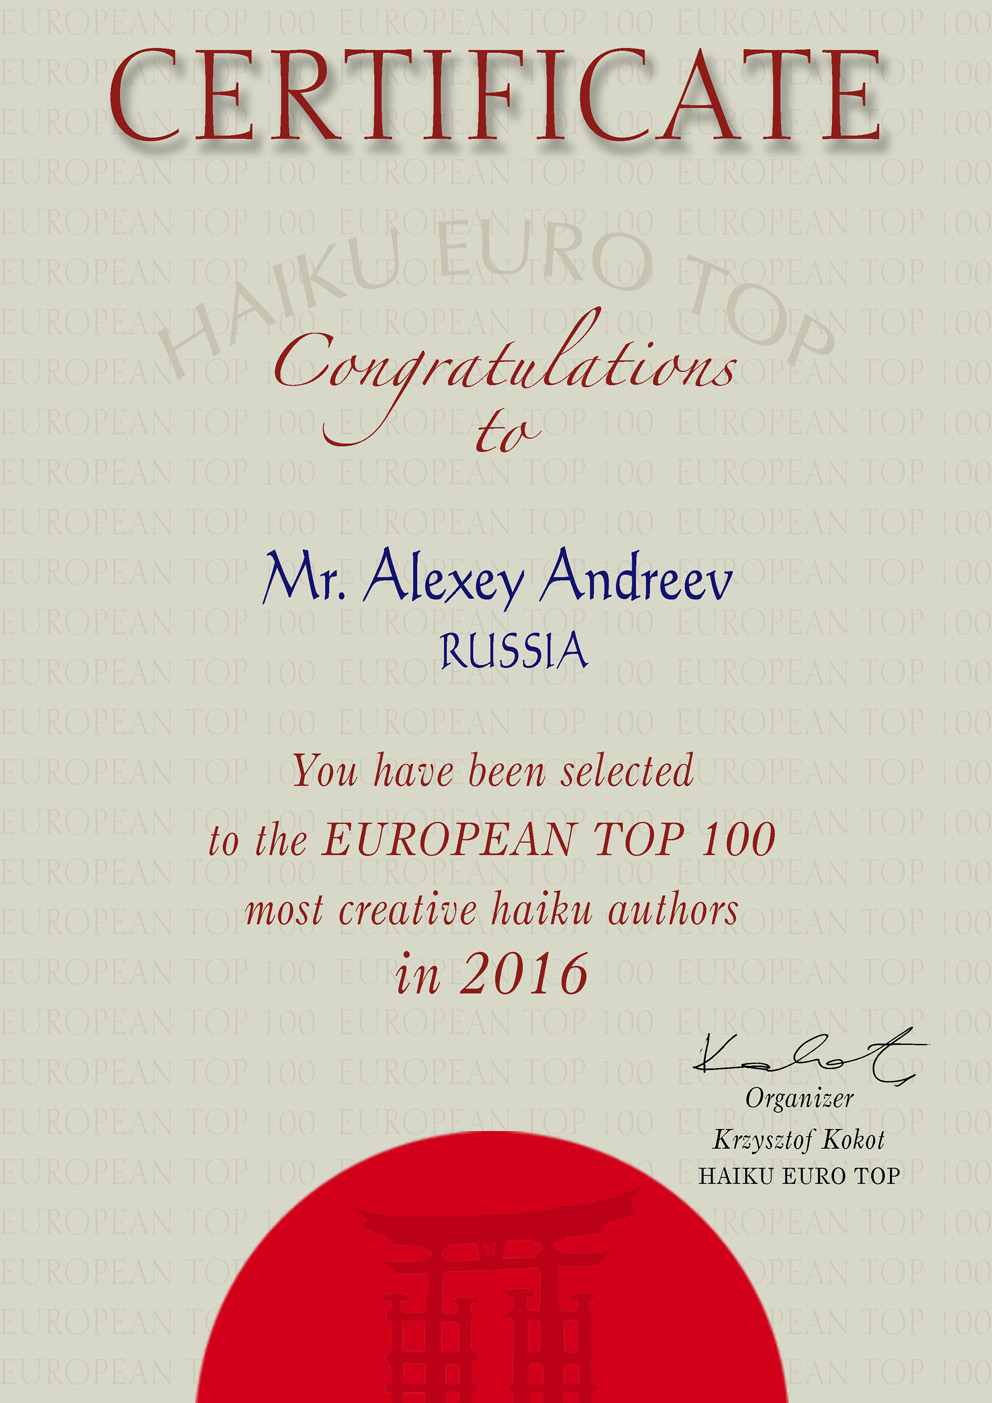 2016_Certificate_Mr. Alexey Andreev_HAIKU TOP